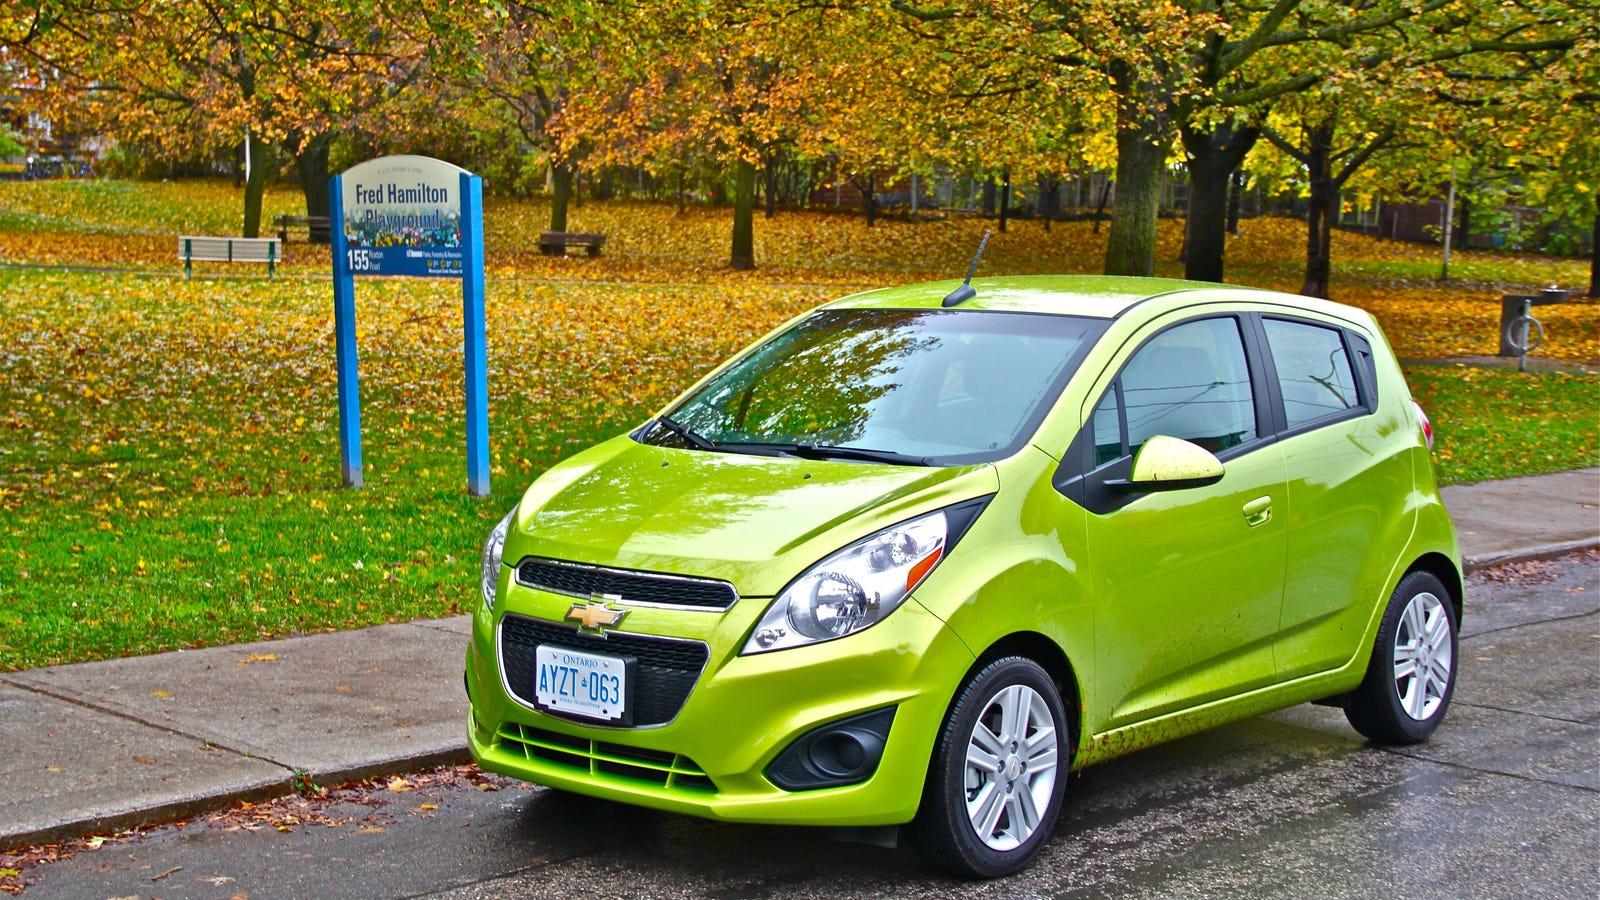 Is Financing A New Car A Good Idea